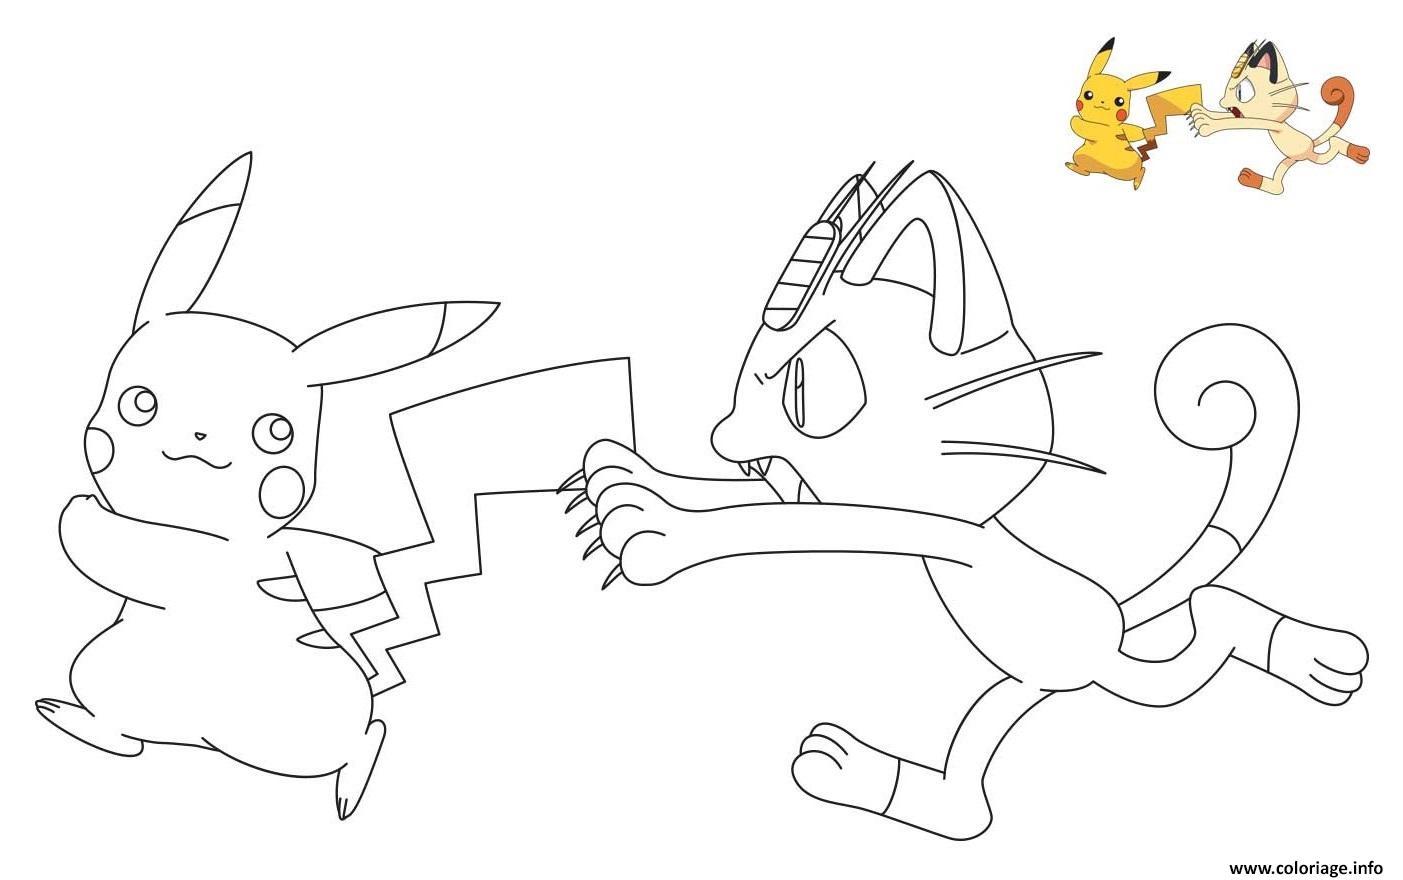 Dessin Miaouss court apres Pikachu Coloriage Gratuit à Imprimer